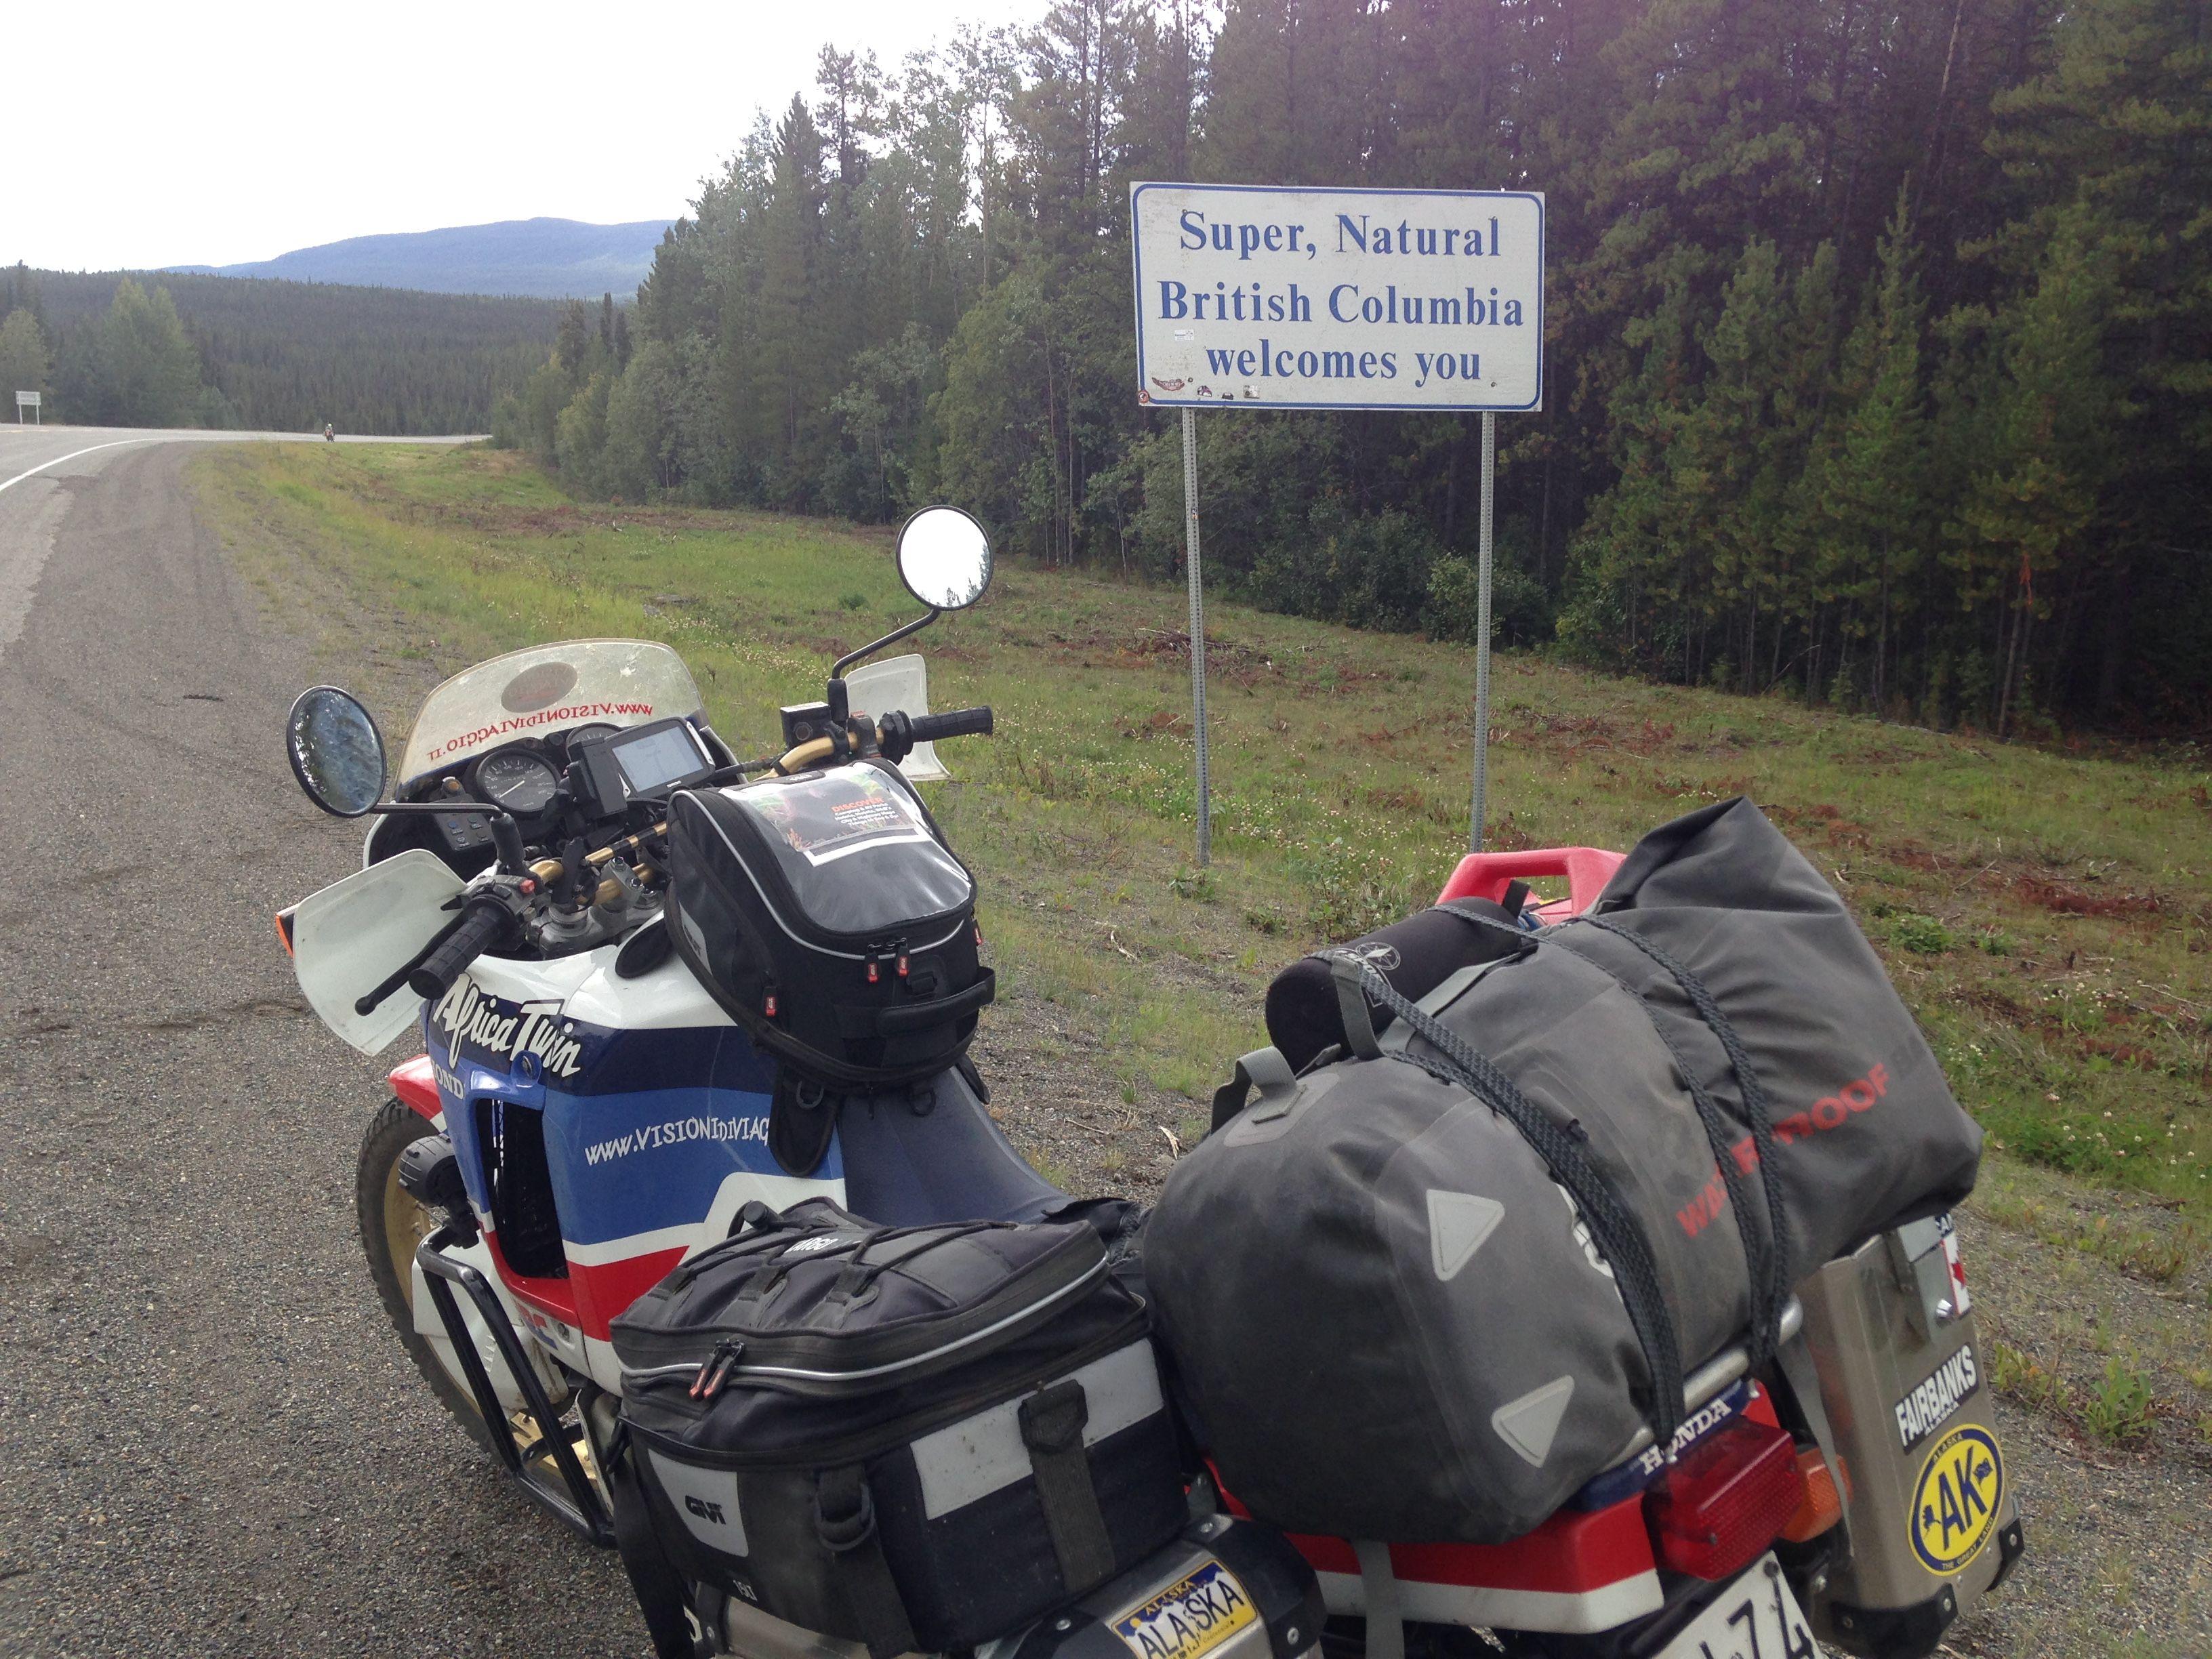 ancoraggio siti di incontri Alaska